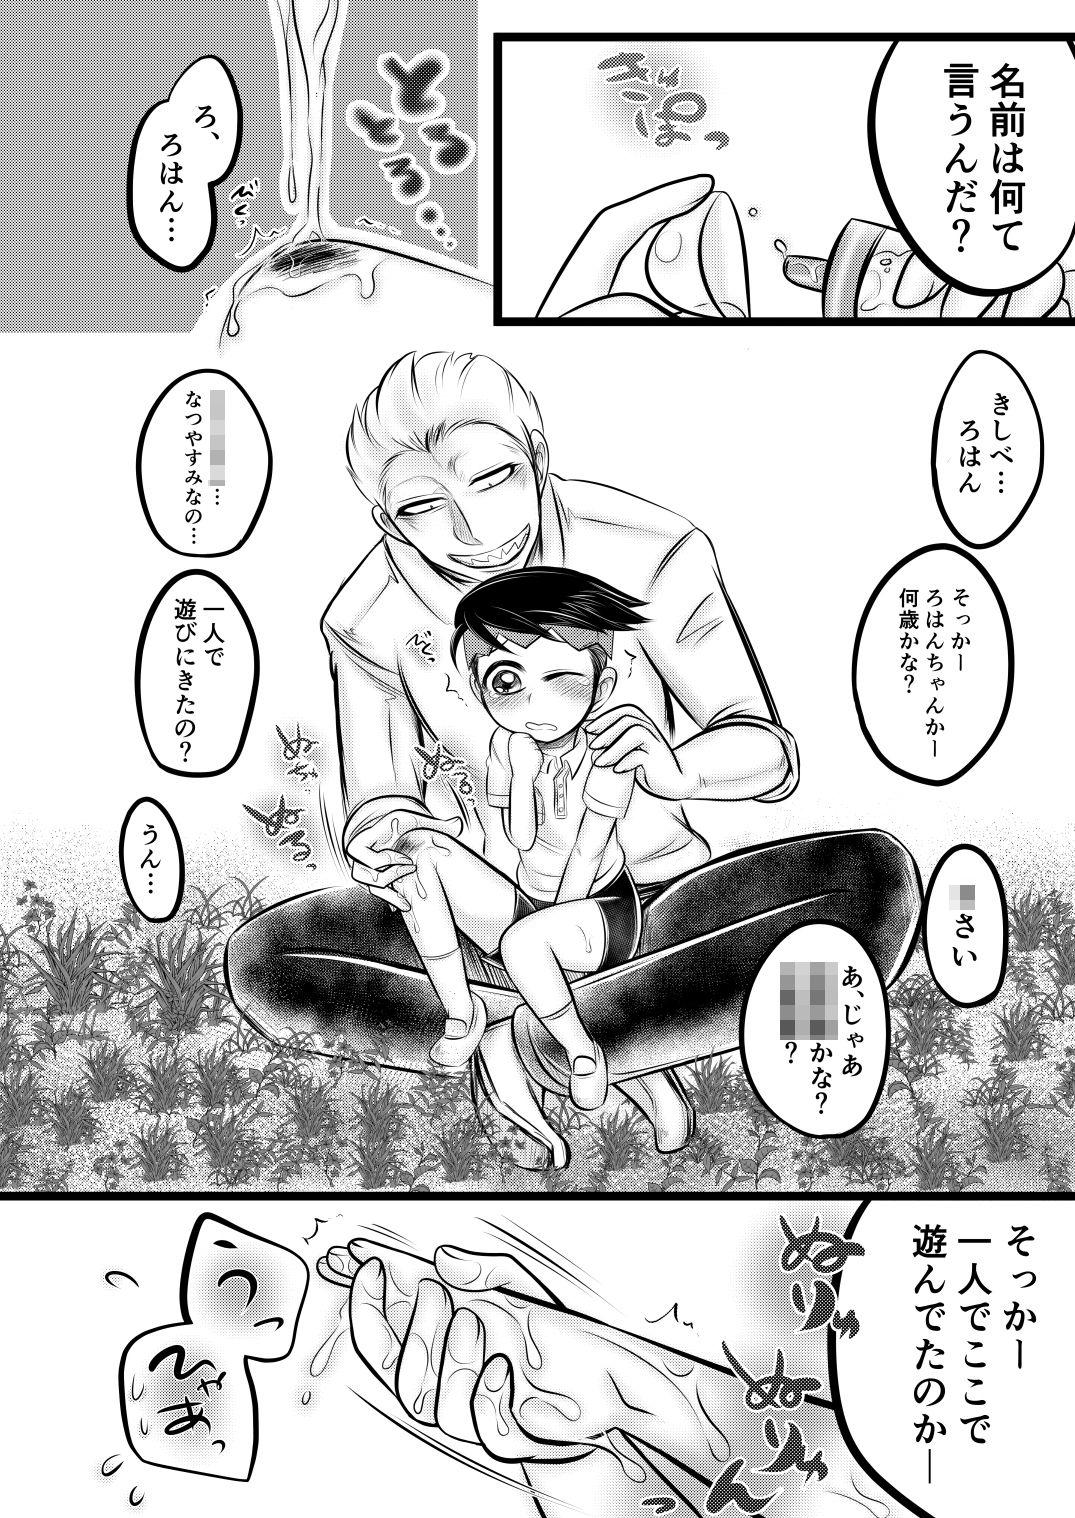 【ジョジョの奇妙な冒険 同人】きしべろはん(○さい)はうごけない。